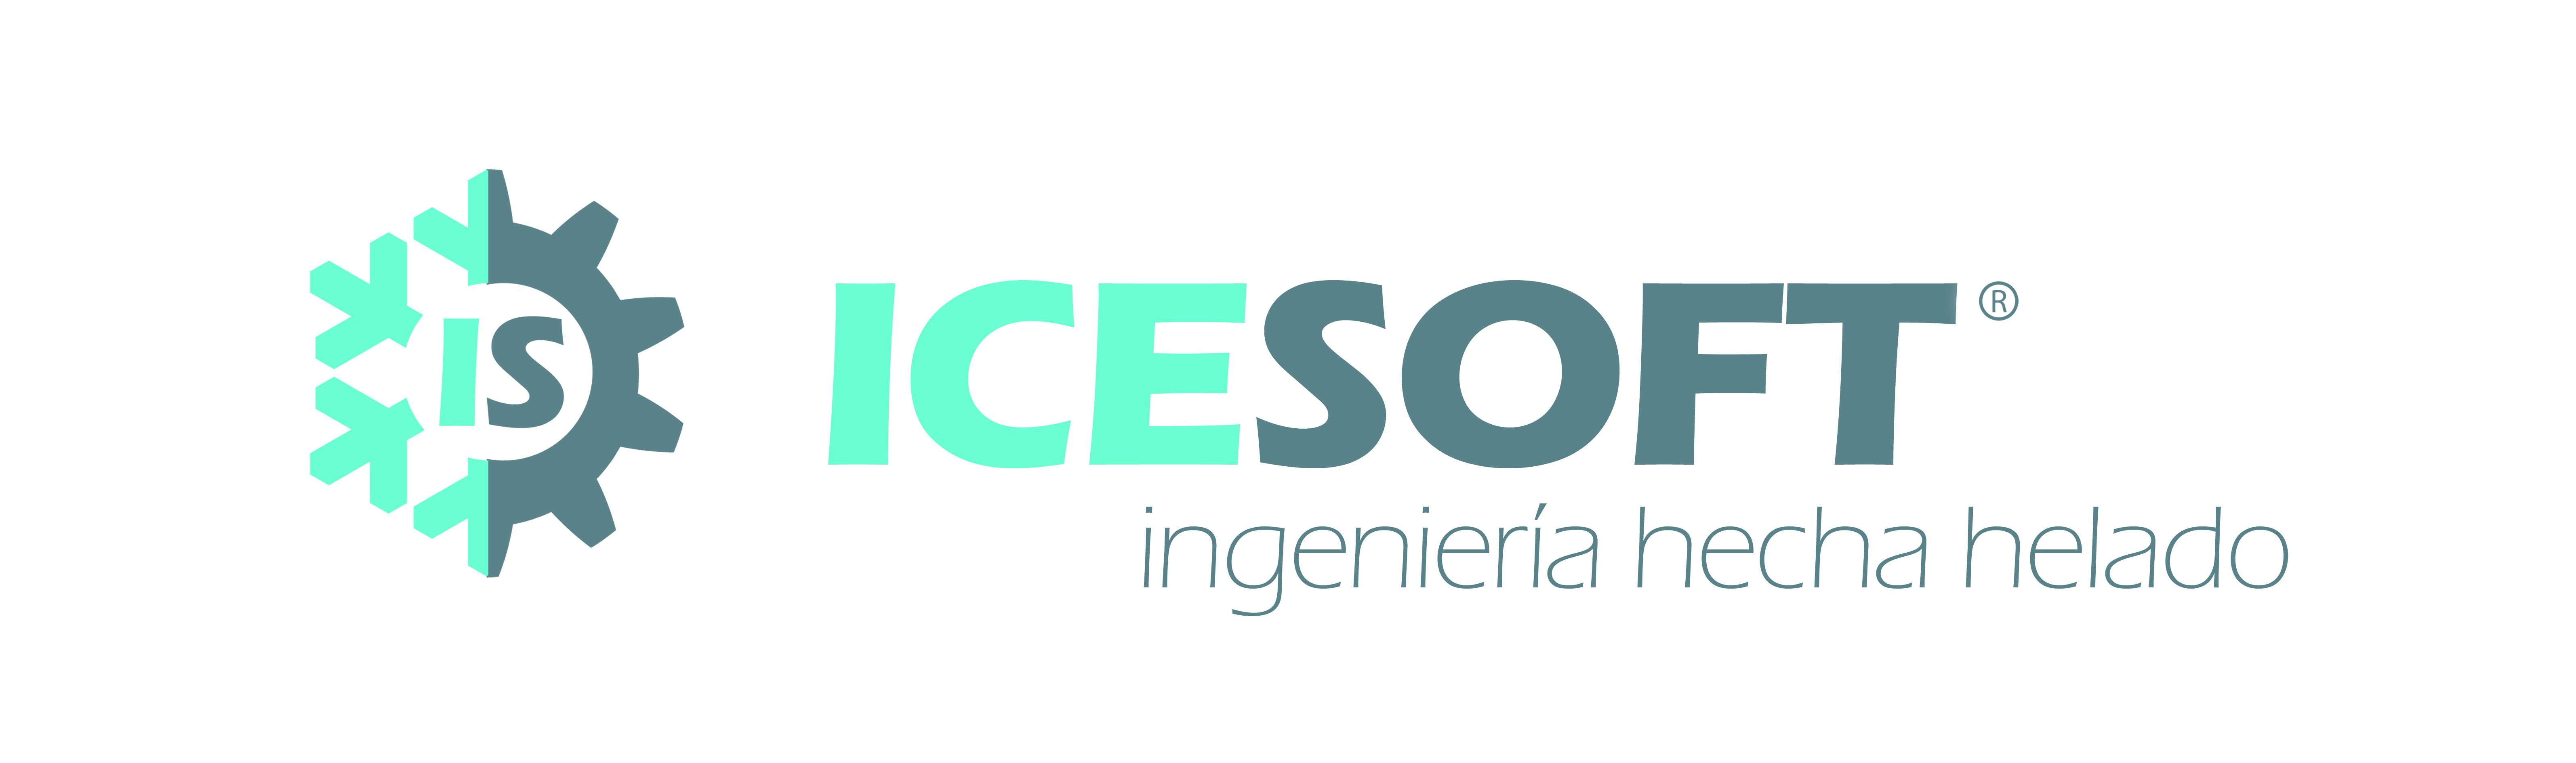 ICESOFT-INGENIERÍA HECHA HELADO